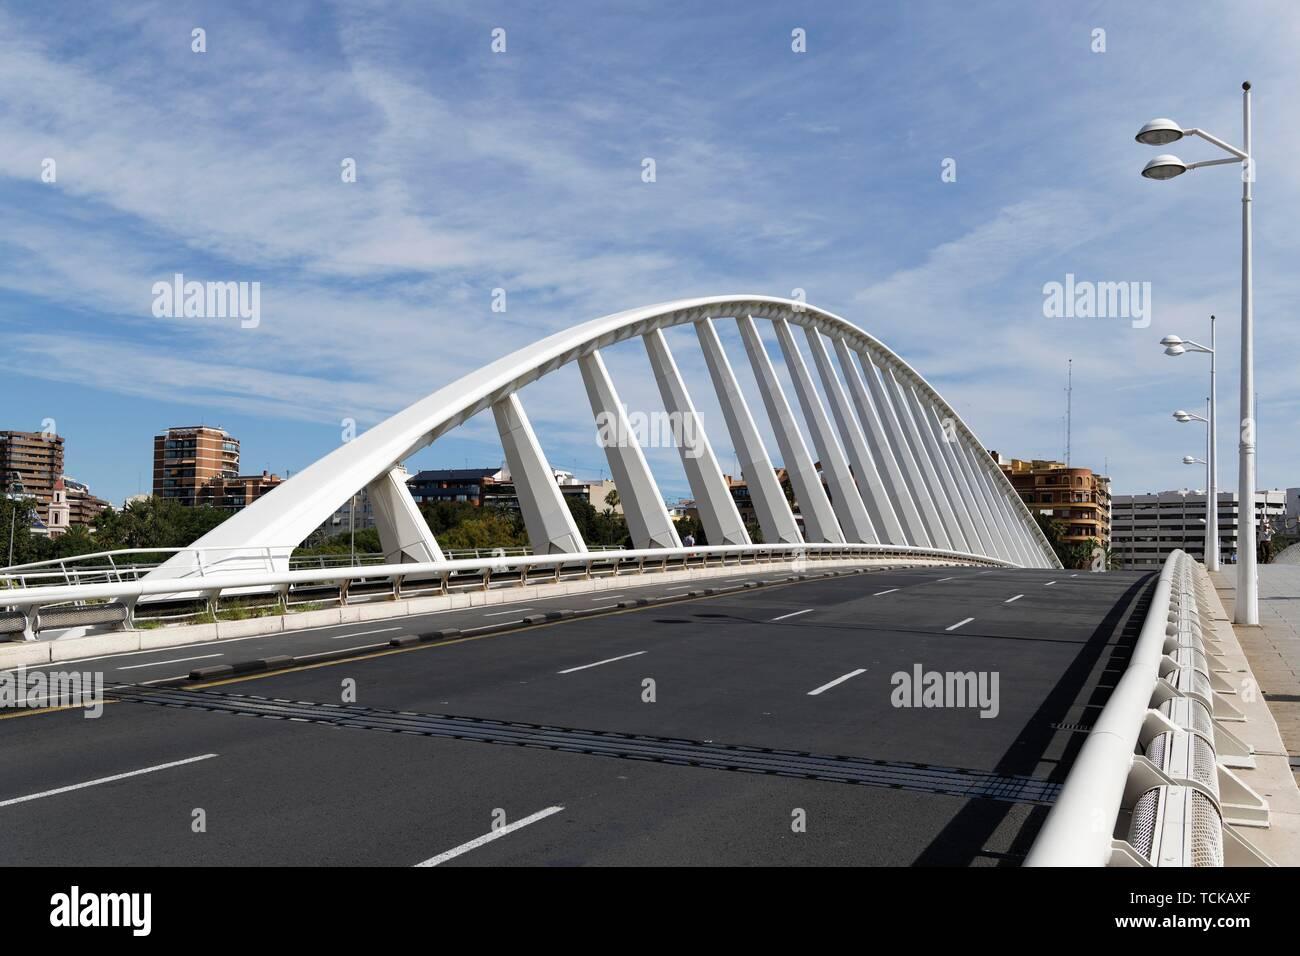 Bridge Puente de la Peineta, also Puente Calatrava, Valencia, Spain - Stock Image